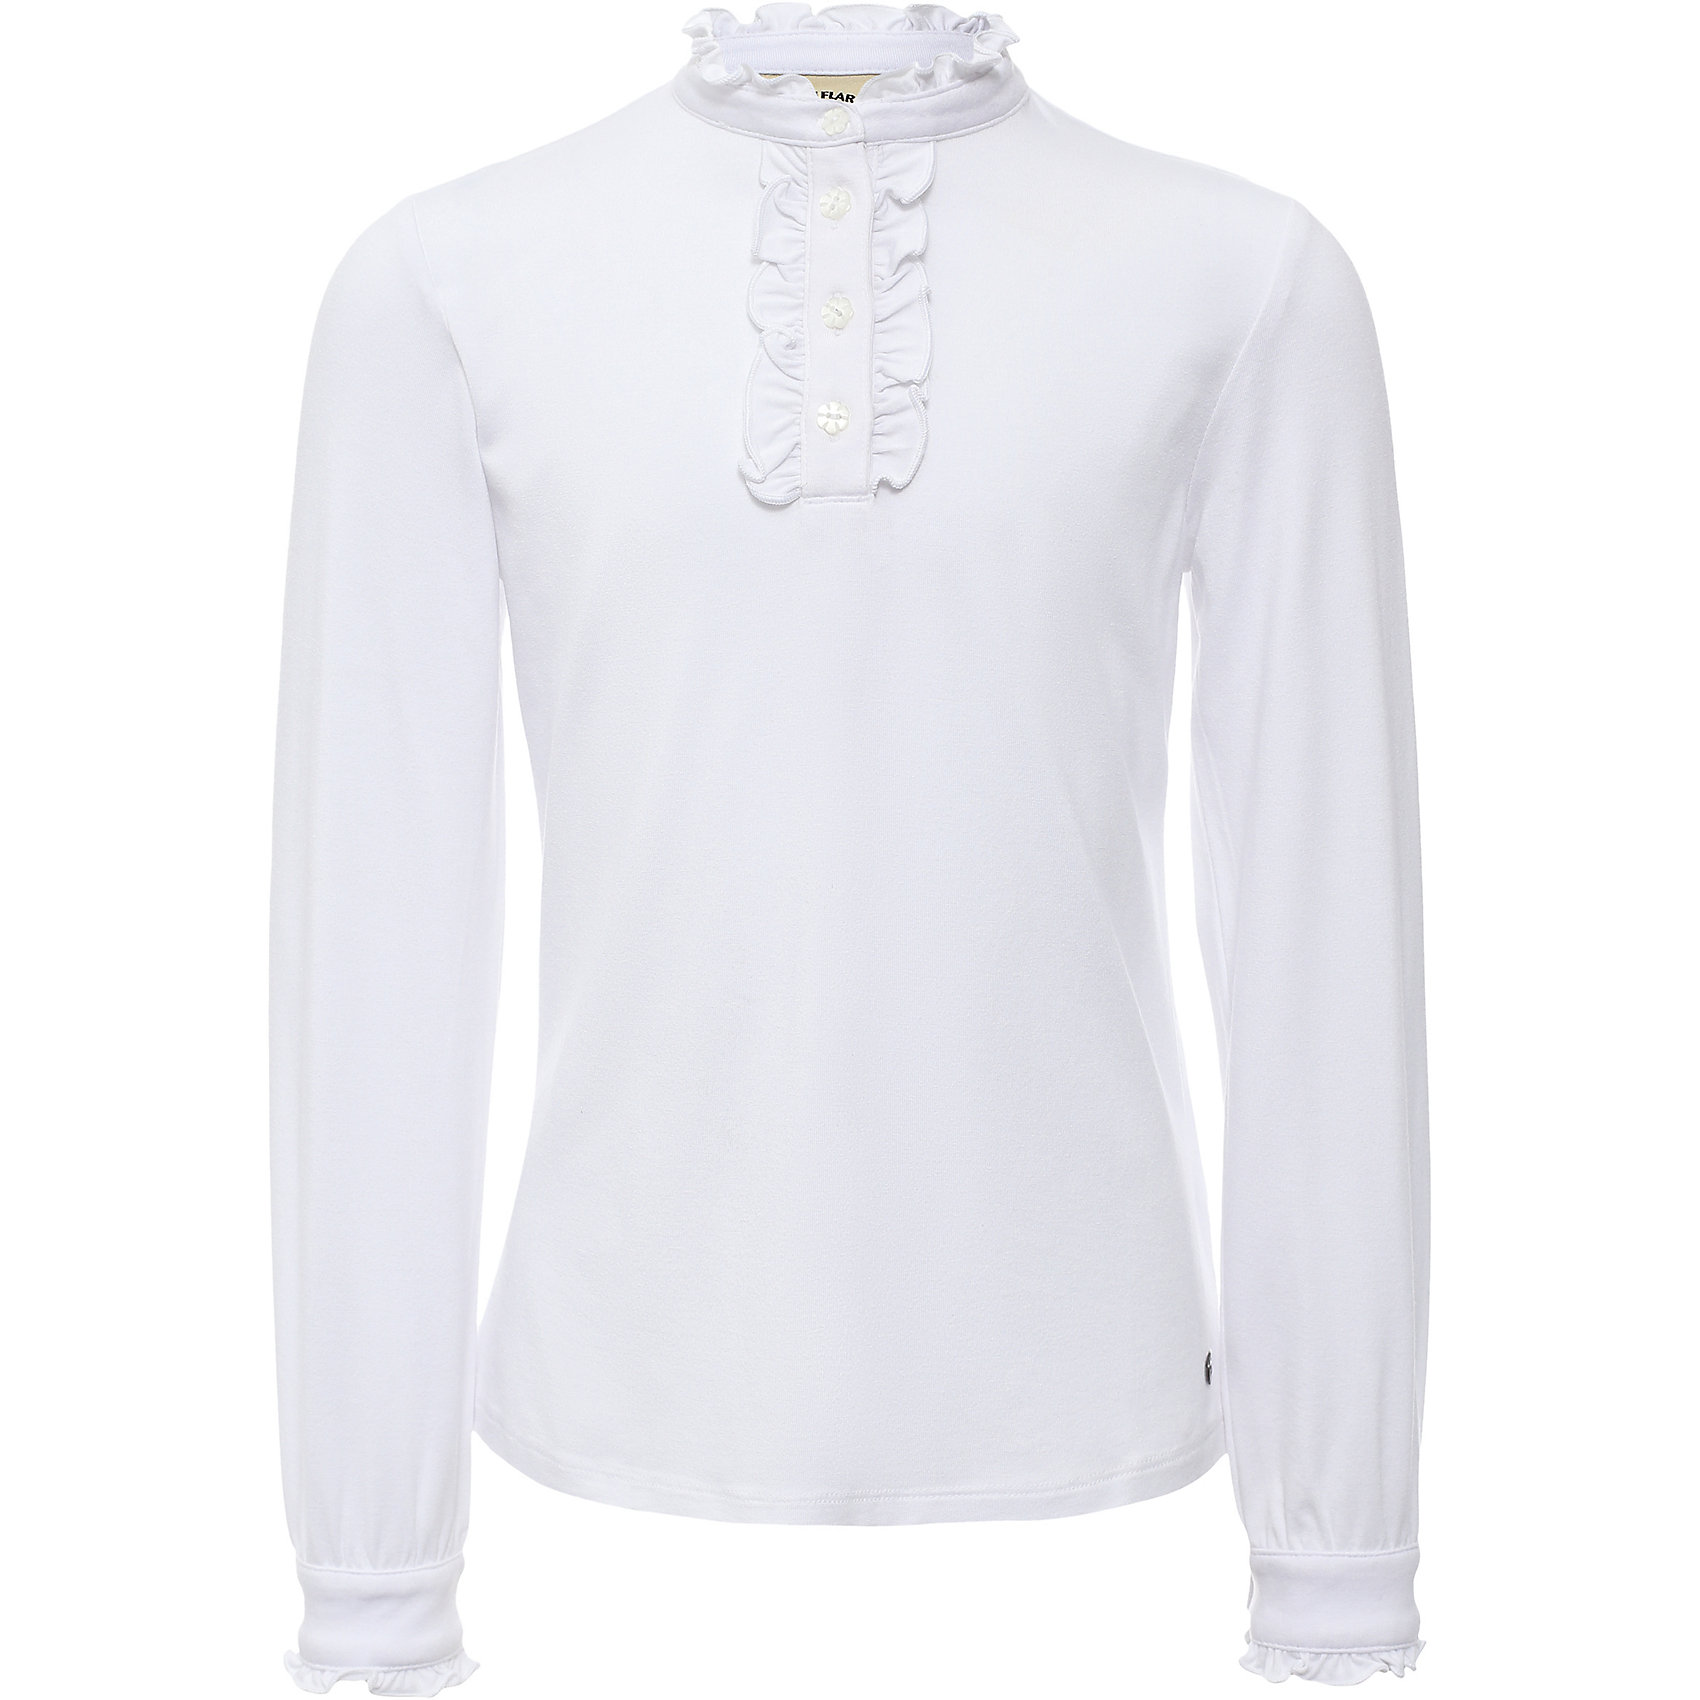 Блузка для девочки Finn FlareБлузки и рубашки<br>Блузка для девочки известной марки Finn Flare.<br><br>Школьная блузка для девочки может использоваться для повседневной носки. Блузка декорирована мелкими рюшами у горловины, по длине застежки на пуговицах. Длинные рукава оснащены манжетами, которые застегиваются на пуговицы. Манжеты имеют маленькие рюшки. <br><br>Фактура материала: Трикотажный<br>Вид застежки: Пуговицы<br>Длина рукава: Длинные<br>Тип карманов: Без карманов<br><br>Состав: 95% вискоза, 5% эластан<br><br>Блузку для девочки Finn Flare можно купить в нашем интернет-магазине.<br><br>Ширина мм: 186<br>Глубина мм: 87<br>Высота мм: 198<br>Вес г: 197<br>Цвет: белый<br>Возраст от месяцев: 144<br>Возраст до месяцев: 156<br>Пол: Женский<br>Возраст: Детский<br>Размер: 158,116,122,128,134,140,146,152<br>SKU: 4890194